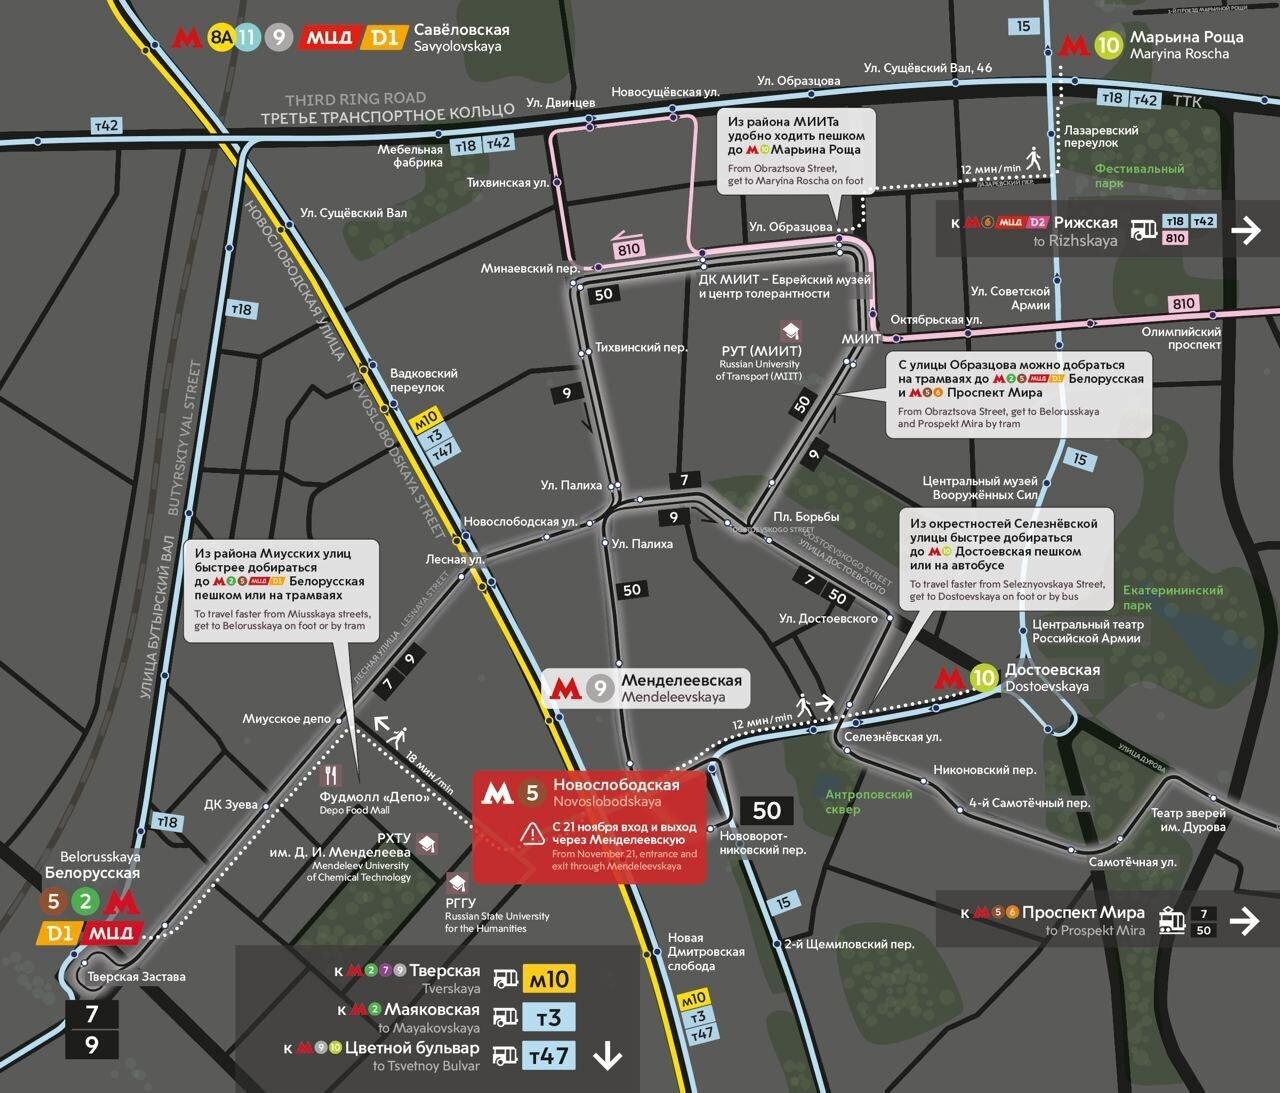 Вестибюль станции метро «Новослободская» закроют на год c 21 ноября